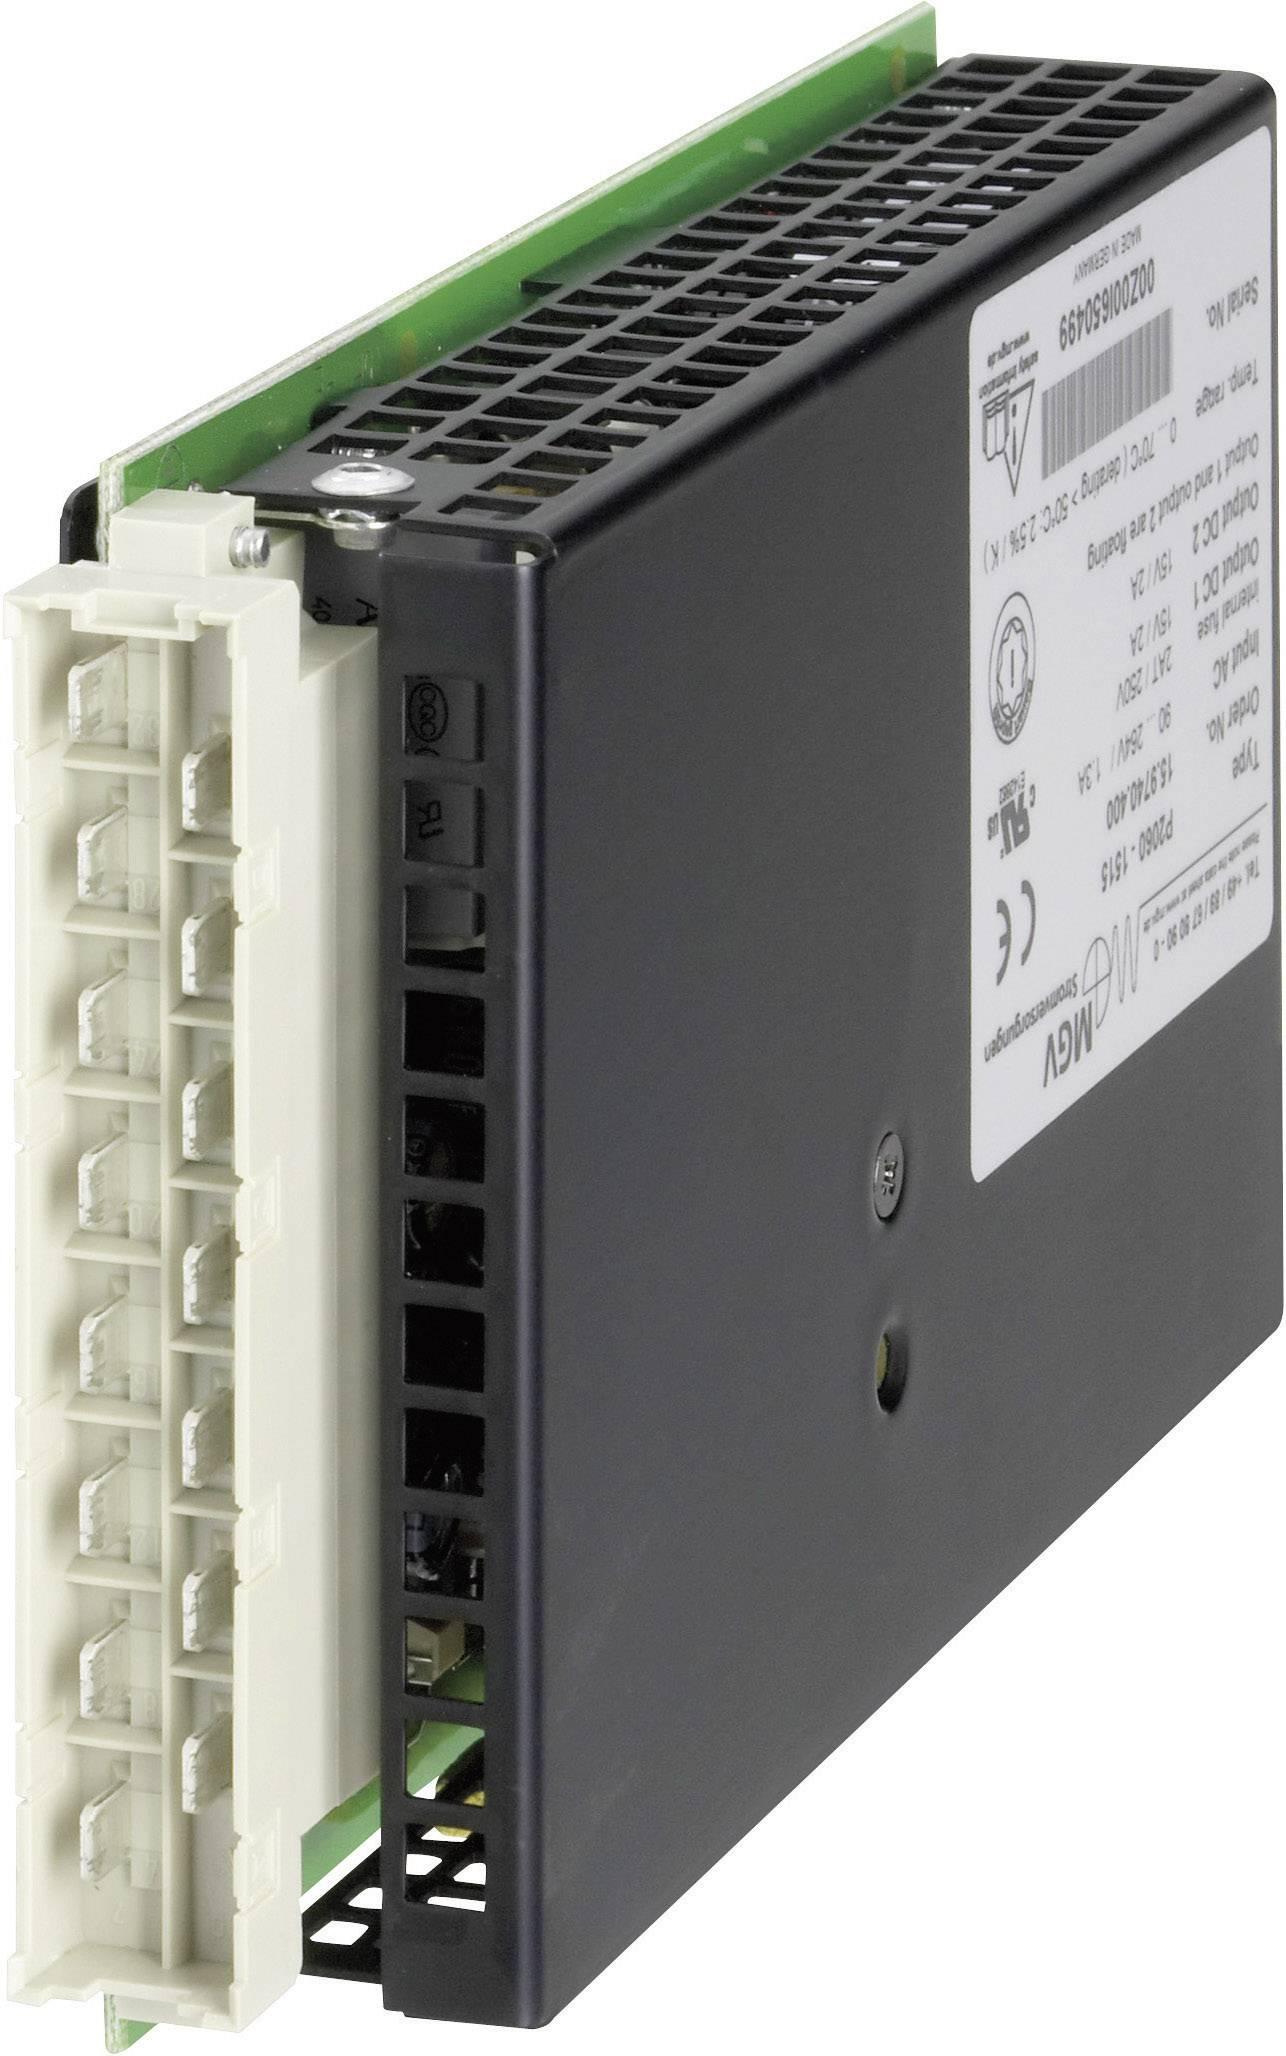 Vestavný spínaný síťový zdroj mgv P2060-0524 na DIN lištu, 5 V/DC / 5.0 A